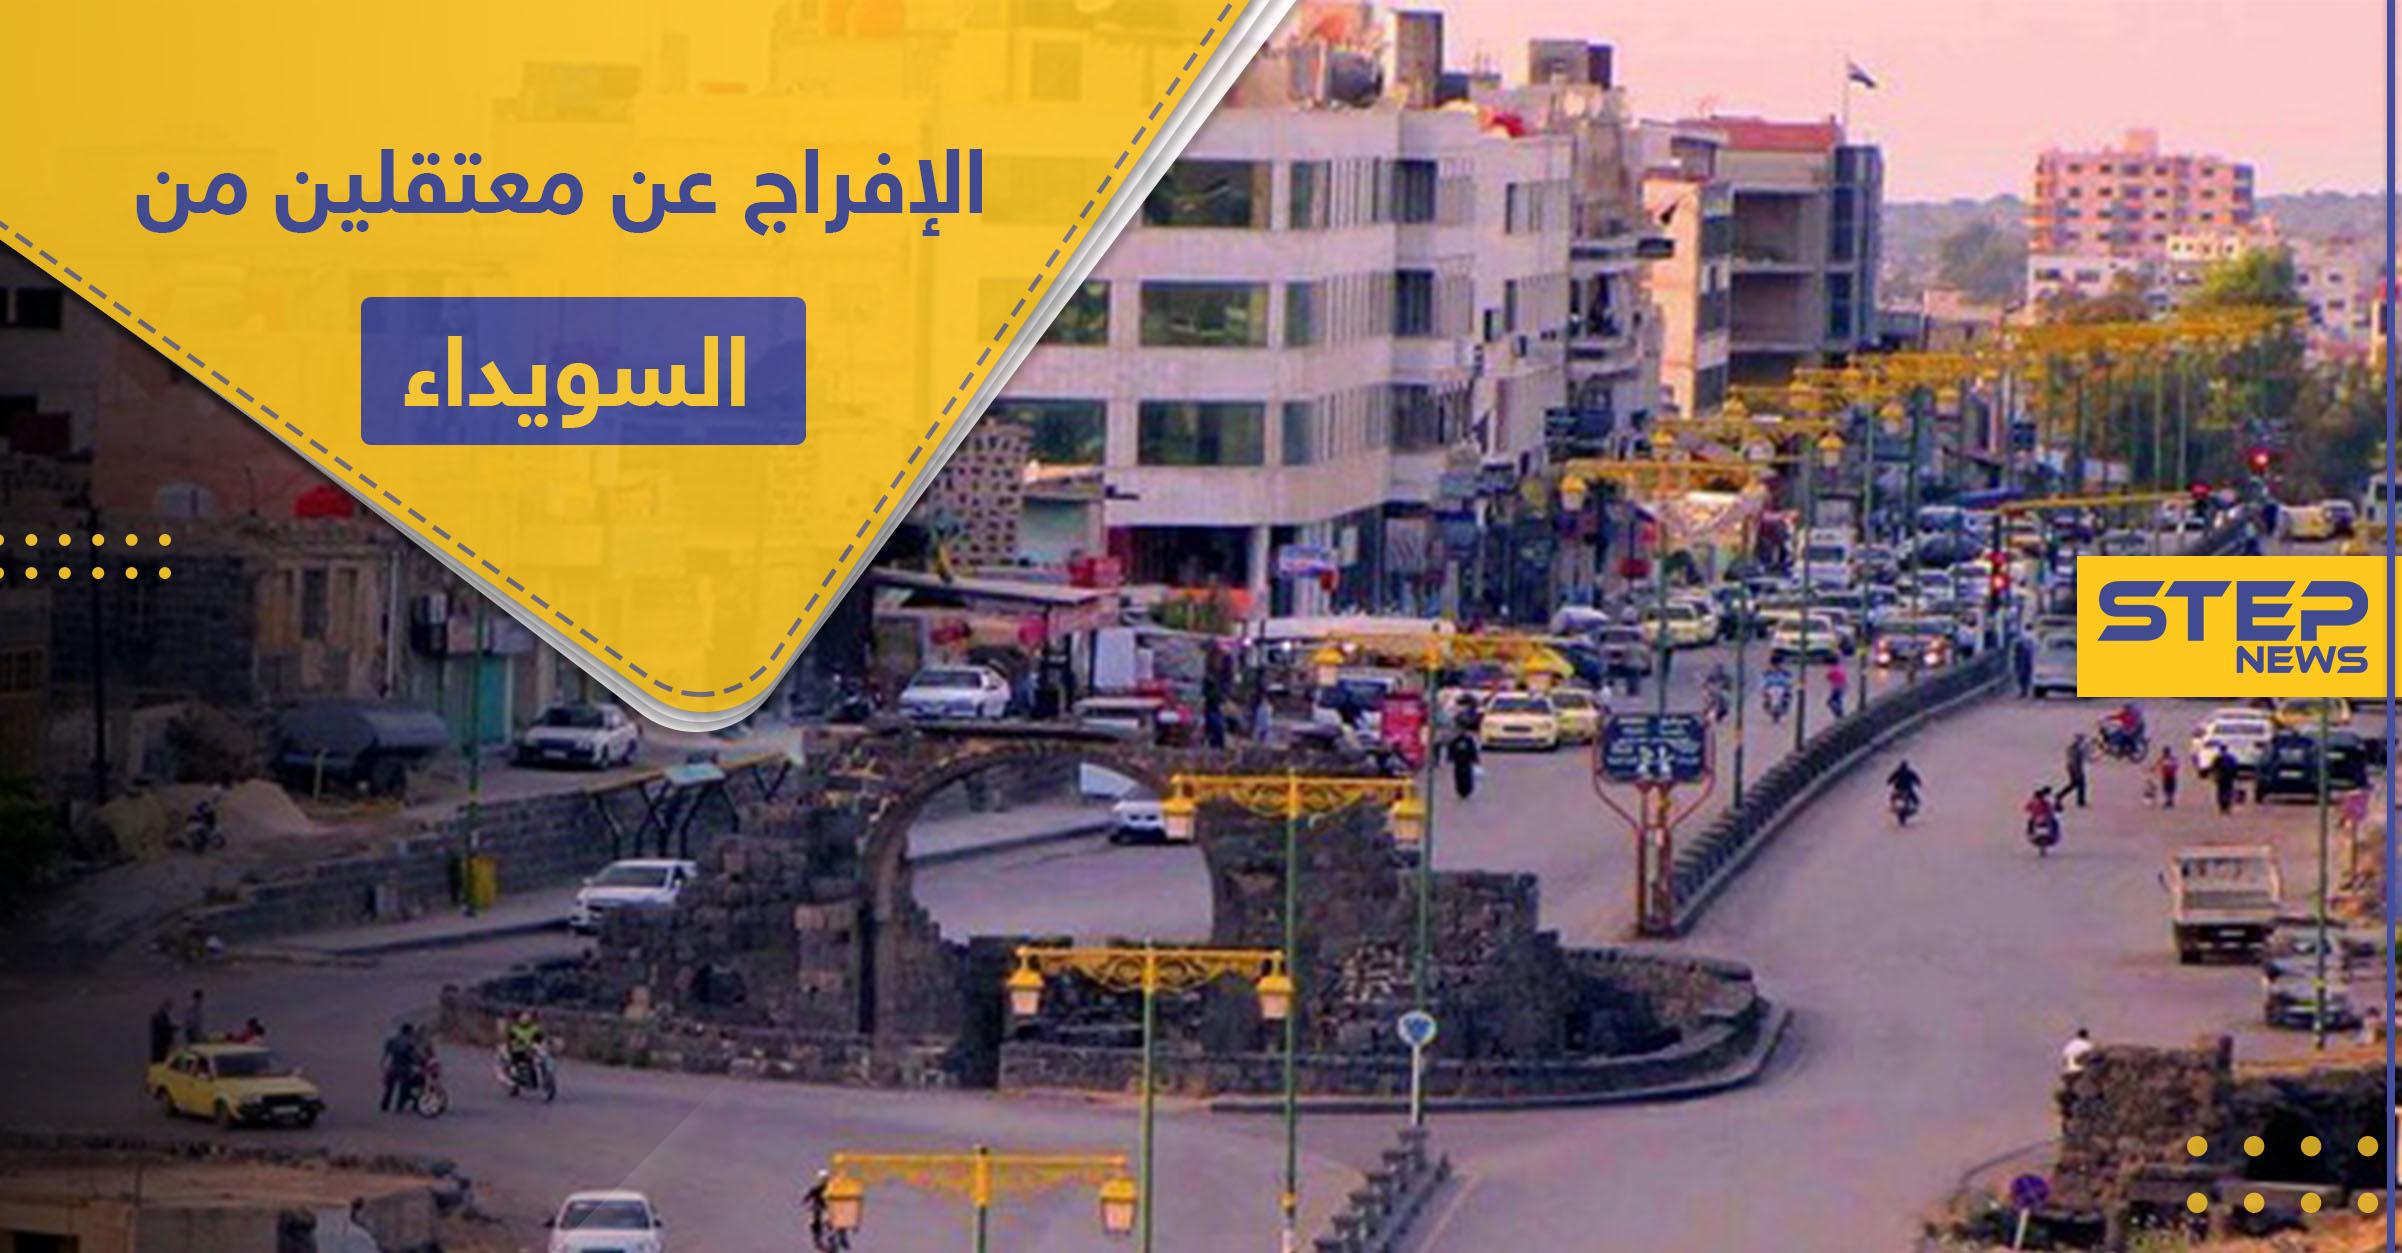 مفاوضات بين رجال الكرامة والنظام السوري